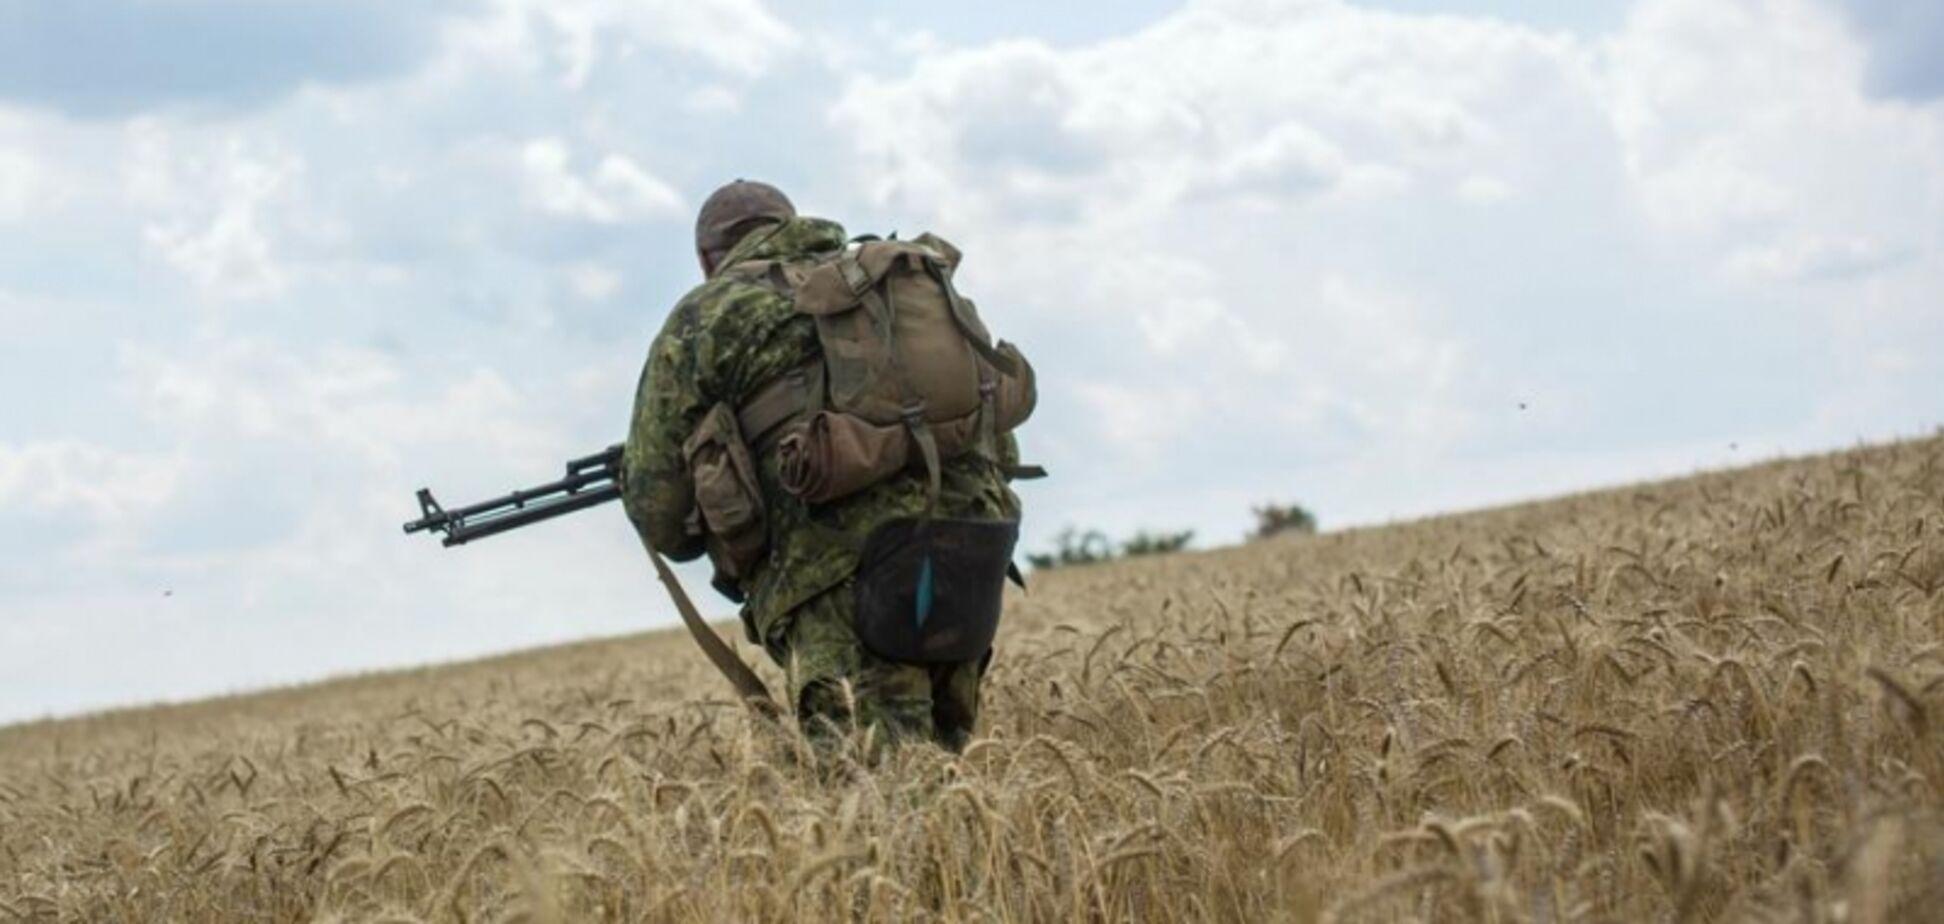 У 'бригаді-200' поповнення: воїн ЗСУ показав фото ліквідованого терориста